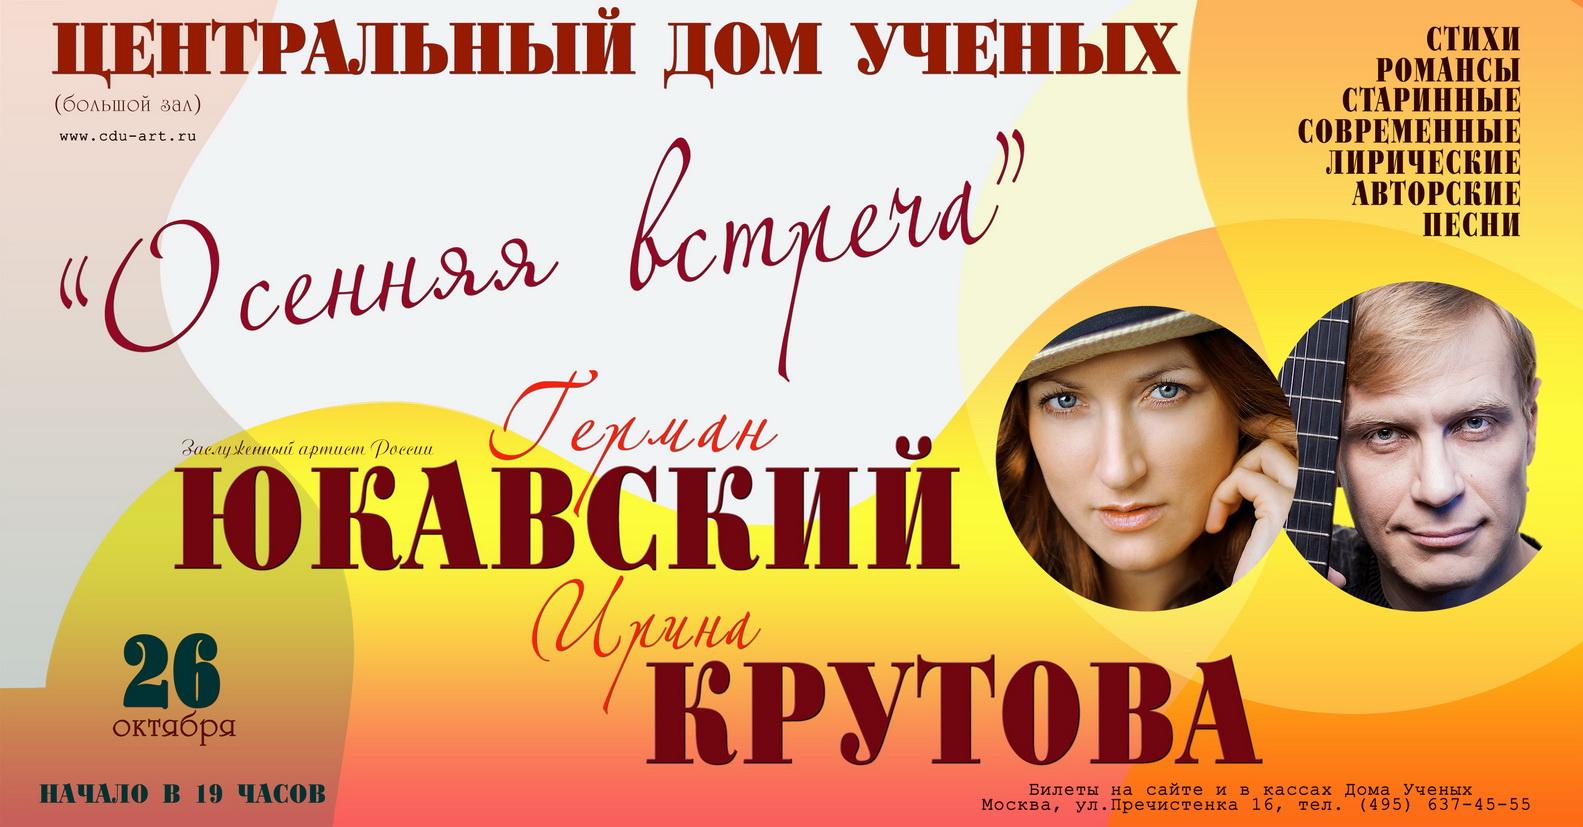 Герман Юкавский и Ирина Крутова